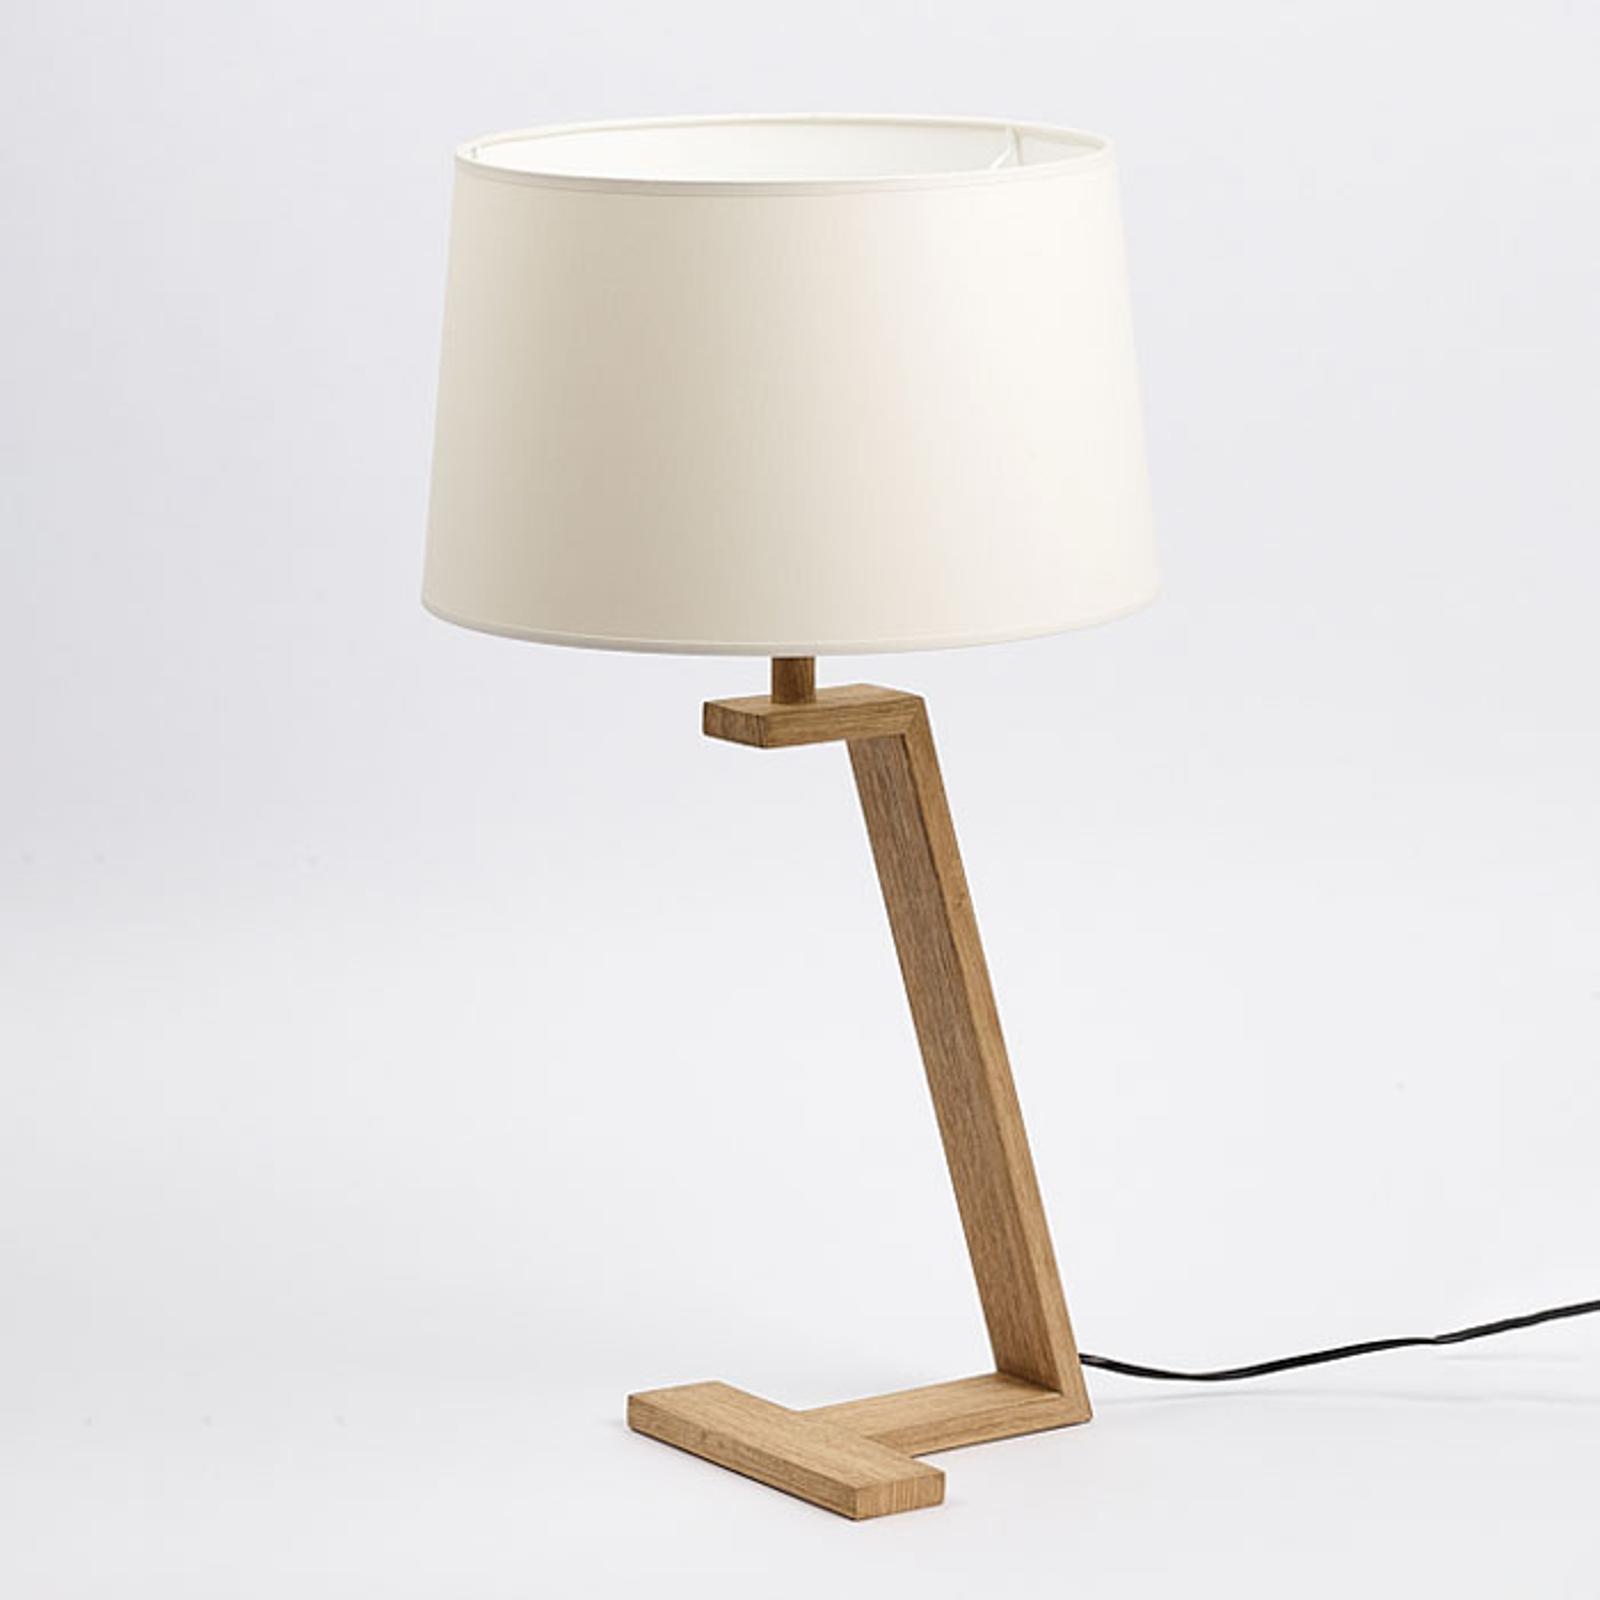 Acquista Lampada da tavolo Memphis LT legno/stoffa, bianca